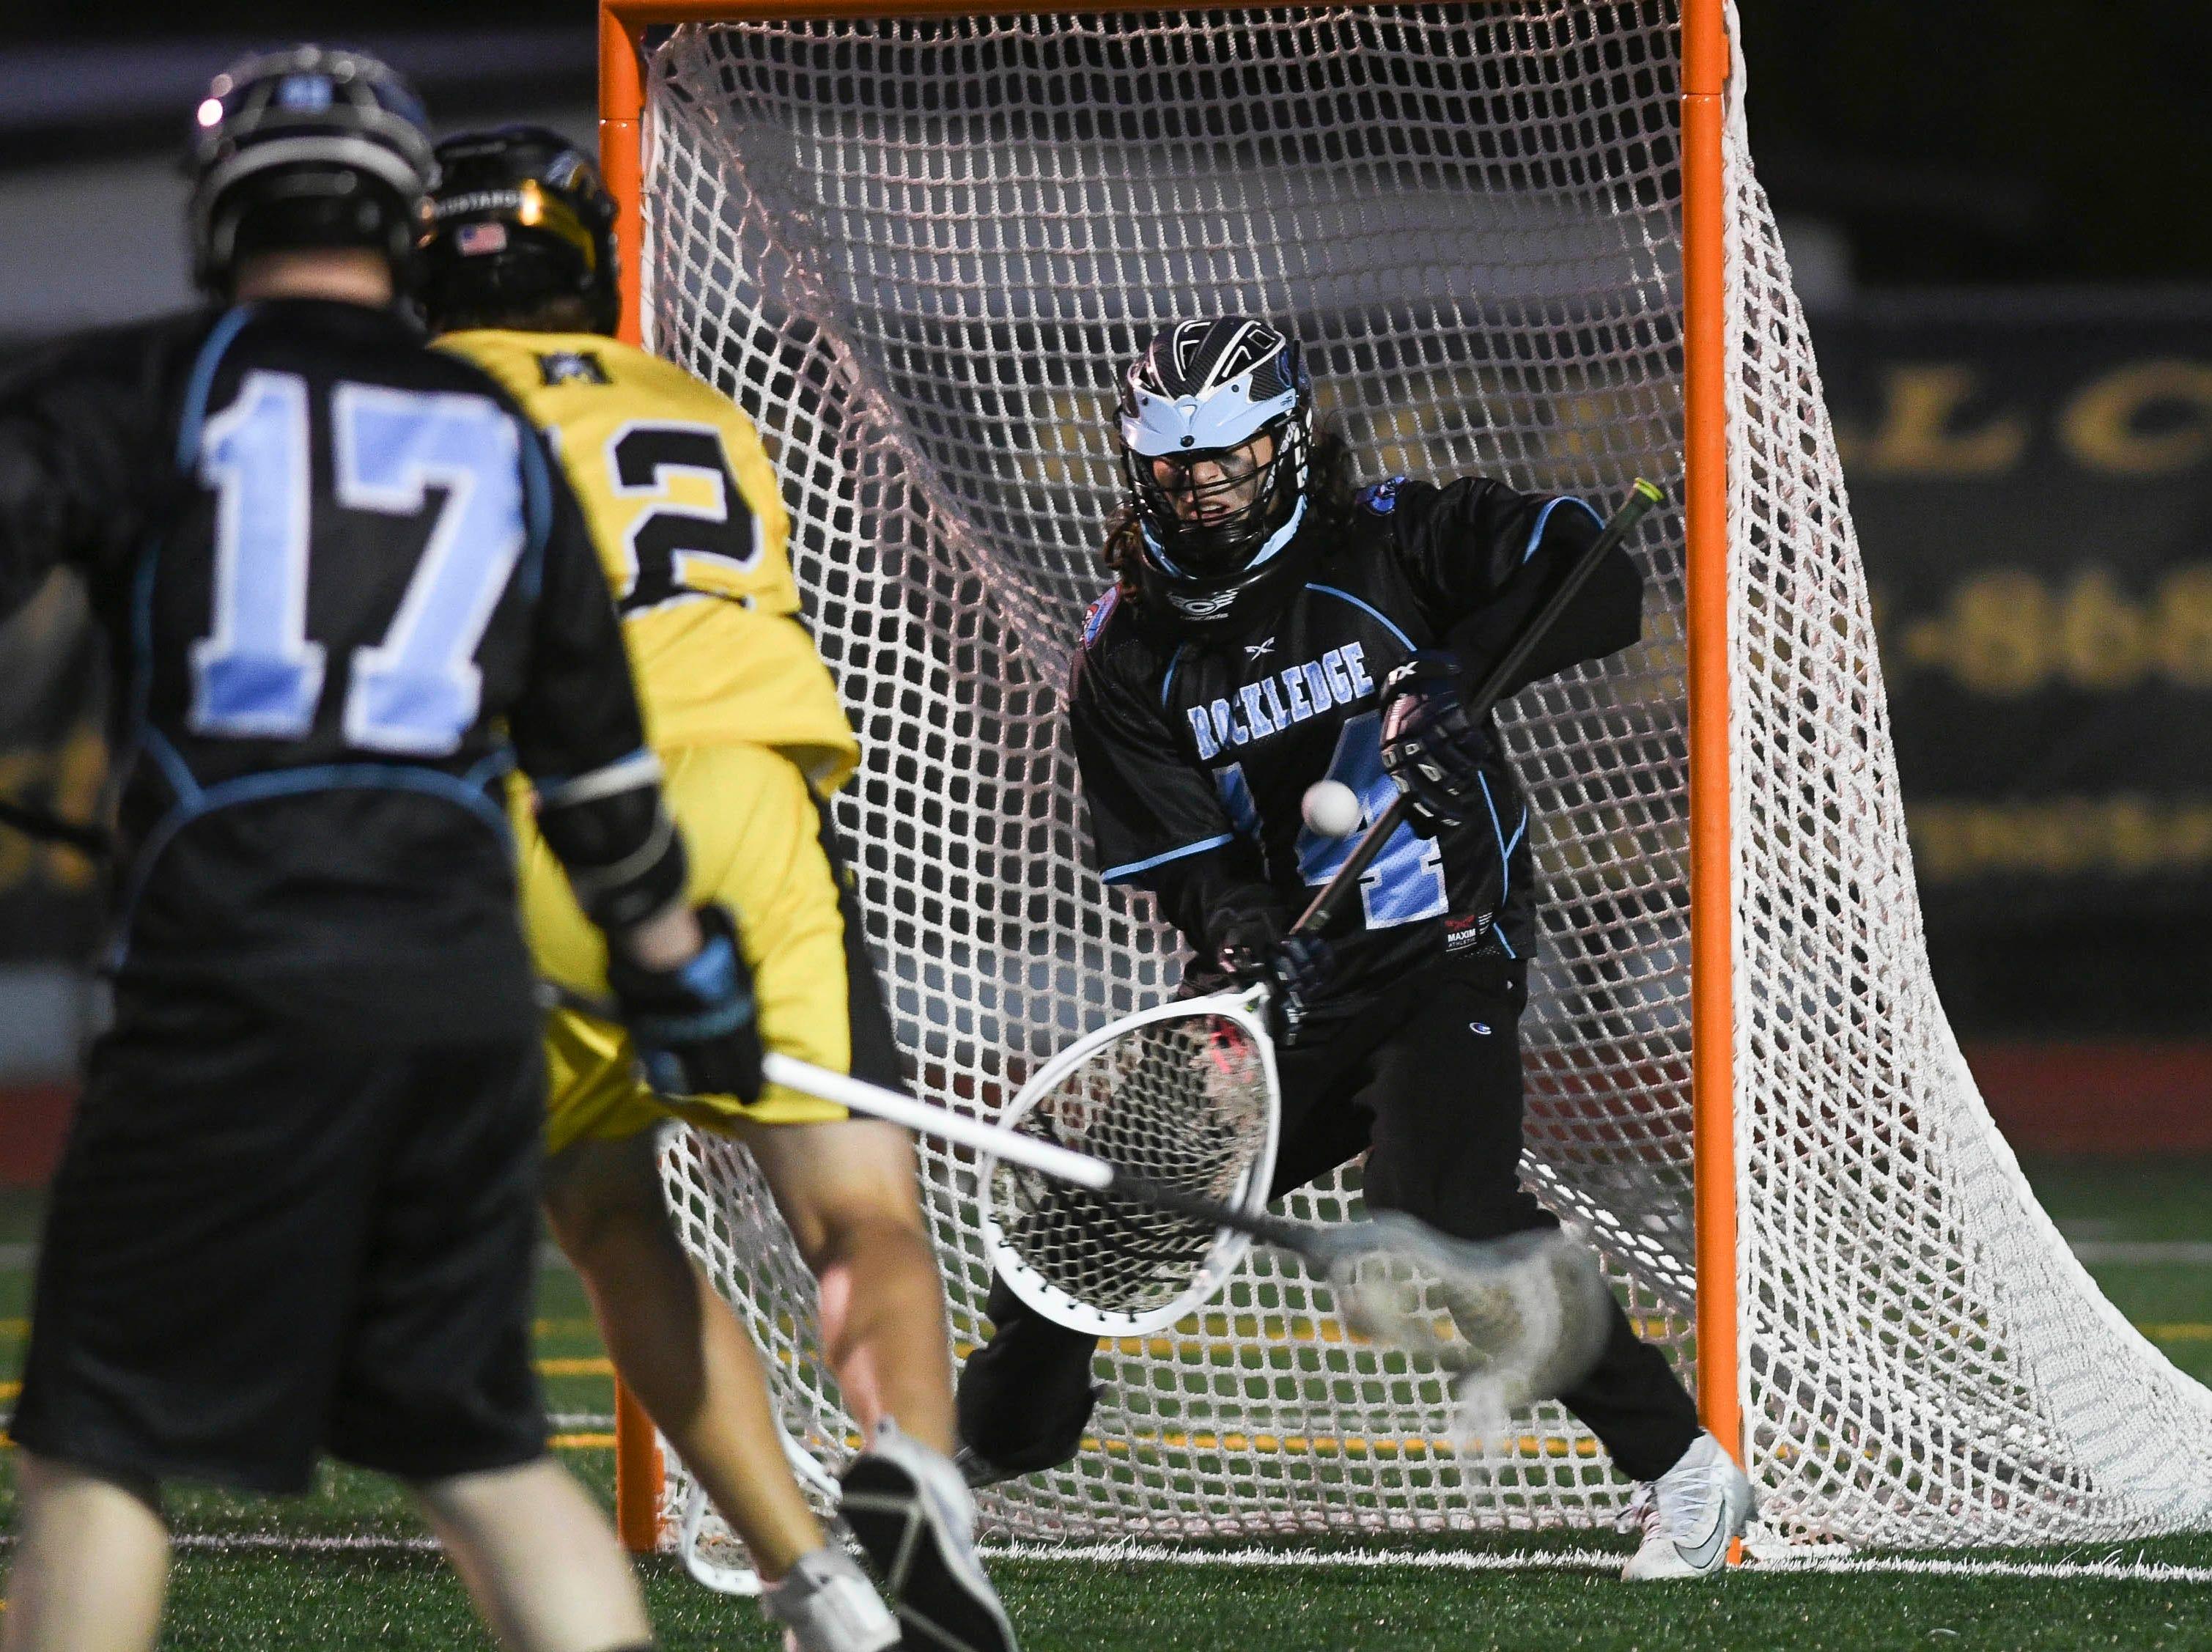 Rockledge goalkeeper Luke Reed stops a shot by Davin Stephenson of Merritt Island during Wednesday's game.